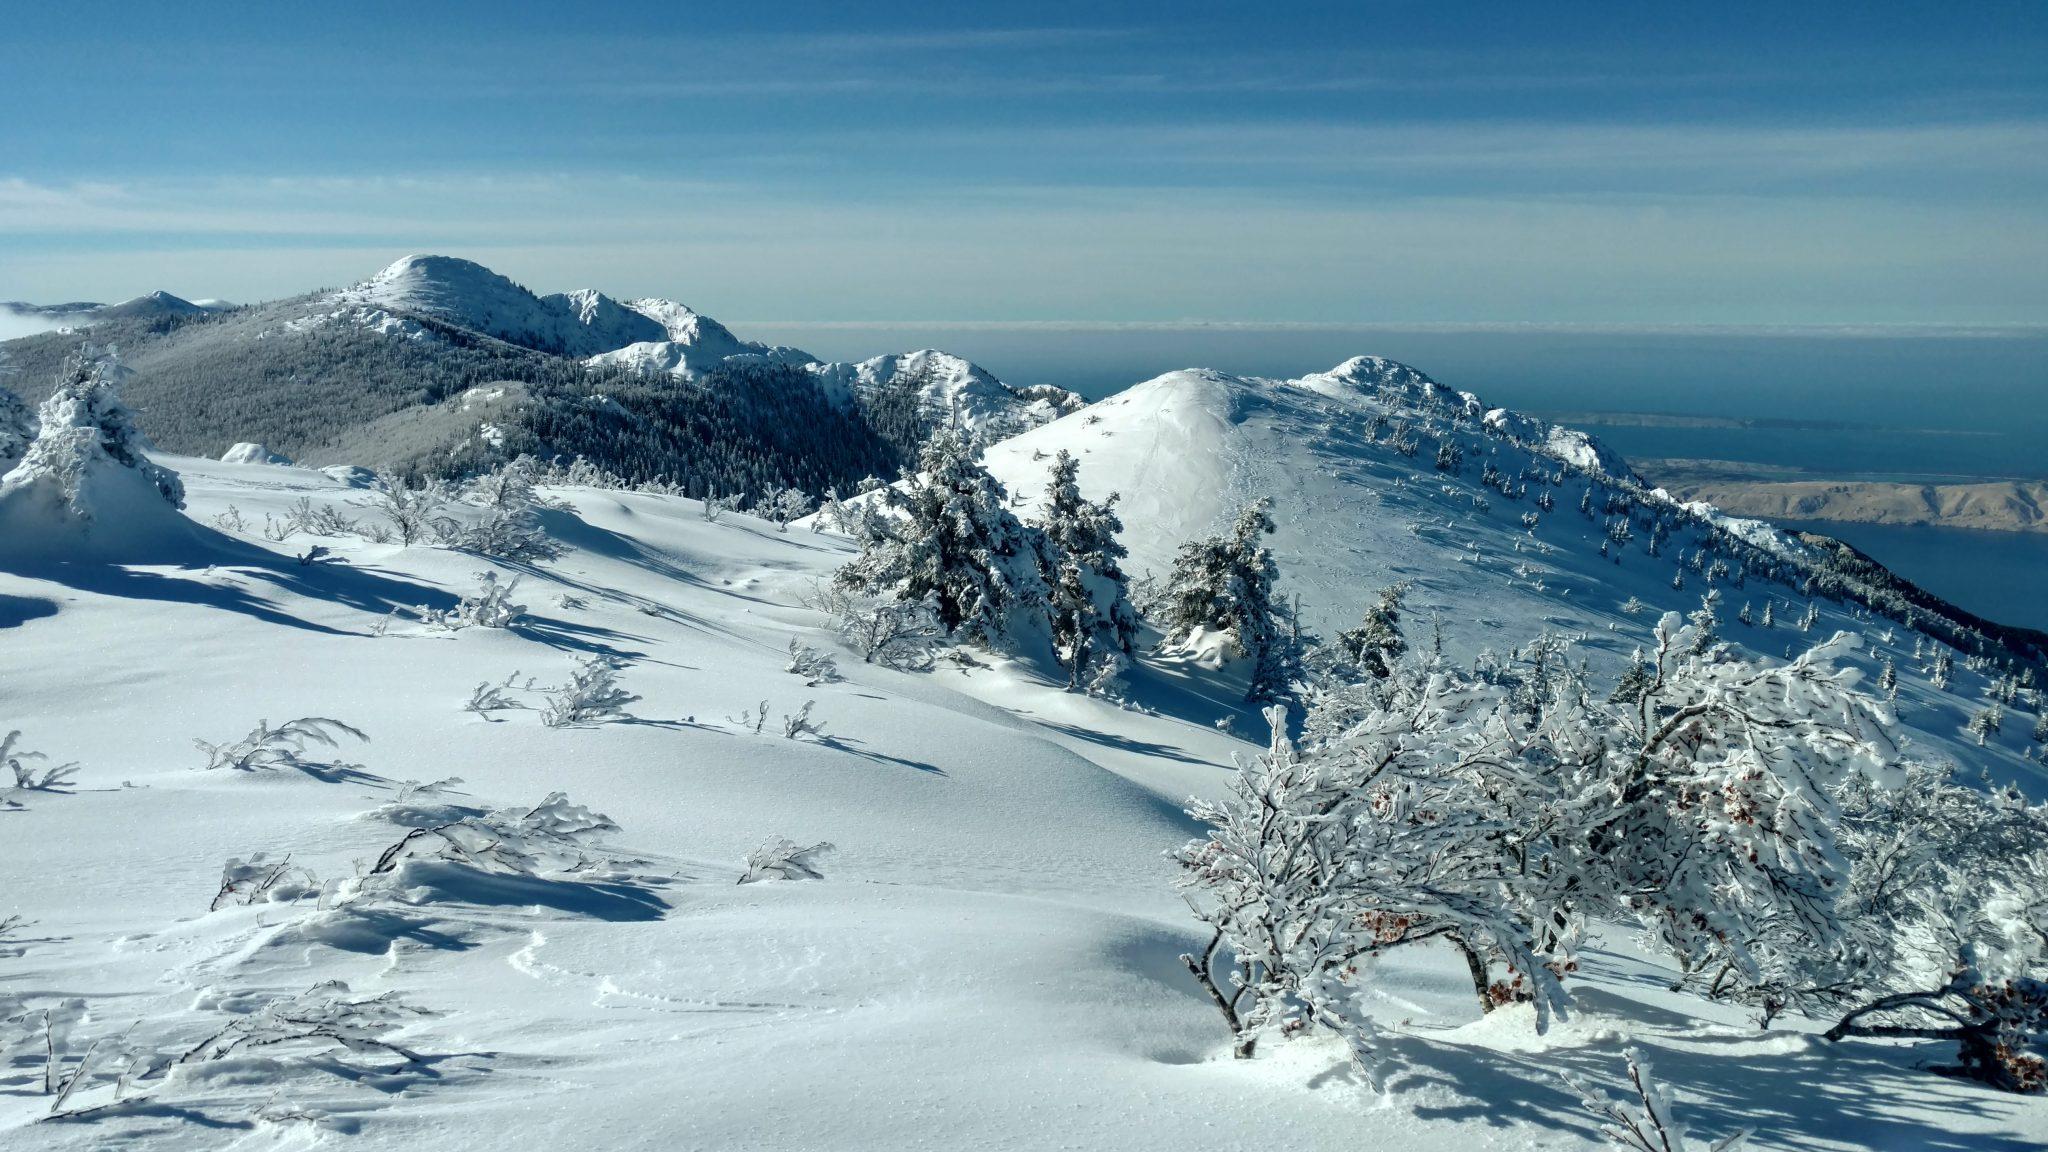 Velebit in de Winter | Sneeuwschoenwandeln met zicht op zee